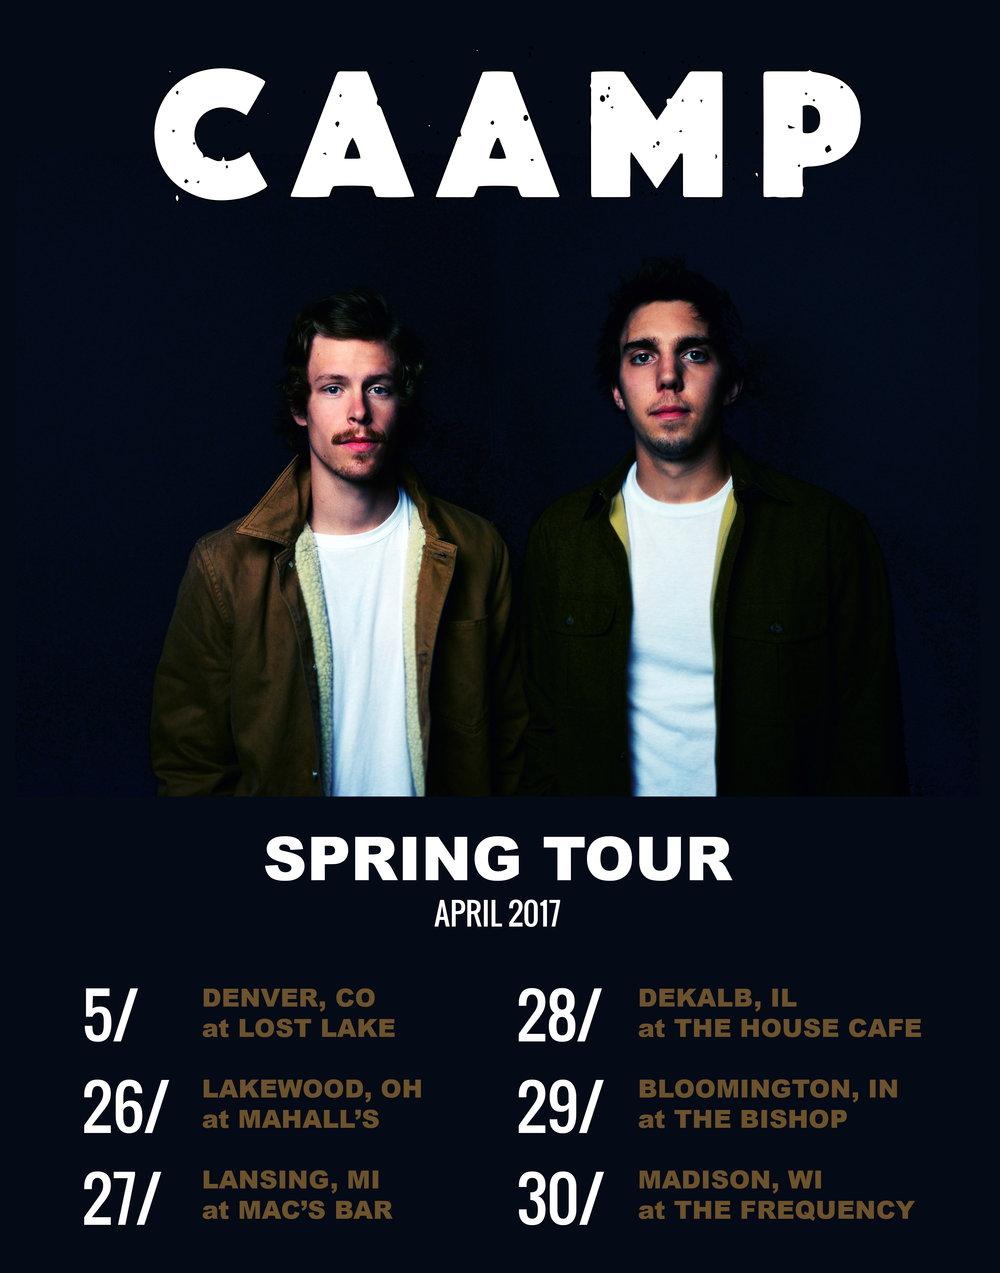 CAAMP_Touradmat_April.jpg